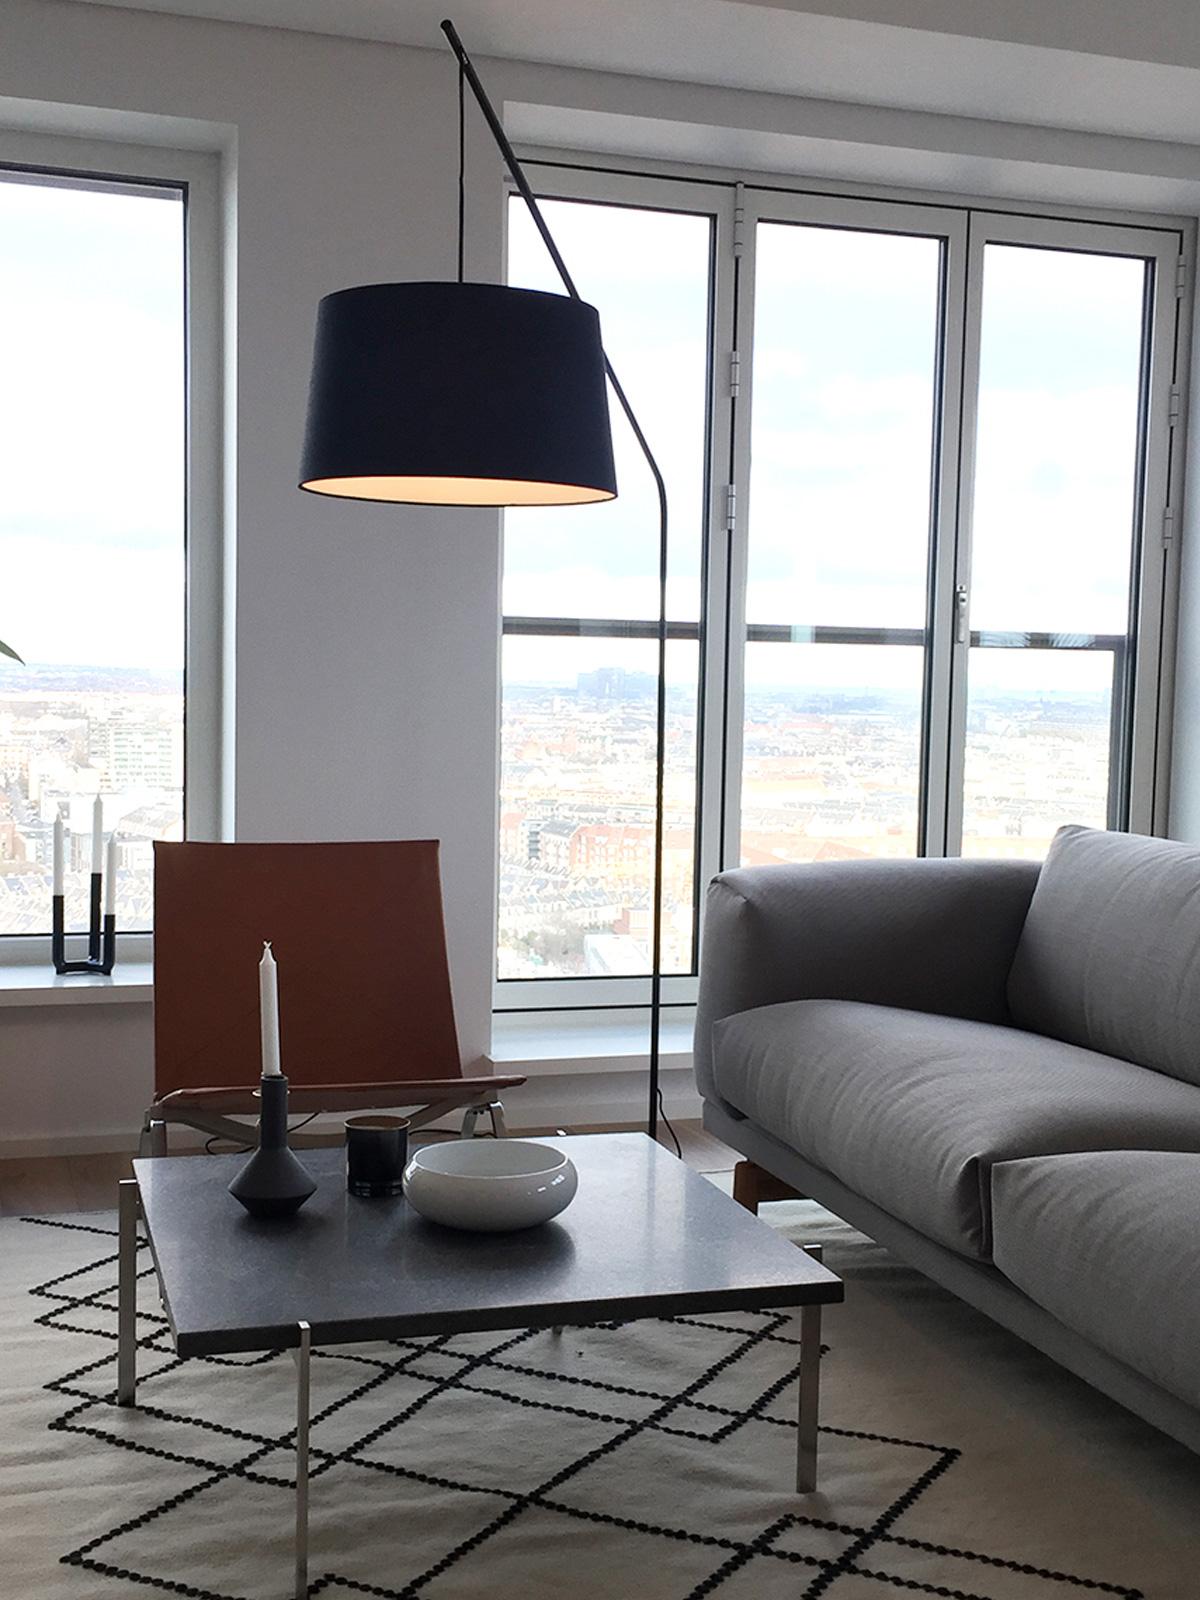 DesignOrt Blog: Bogenlampen Frandsen Lobby Mega Stehleuchte schwarz